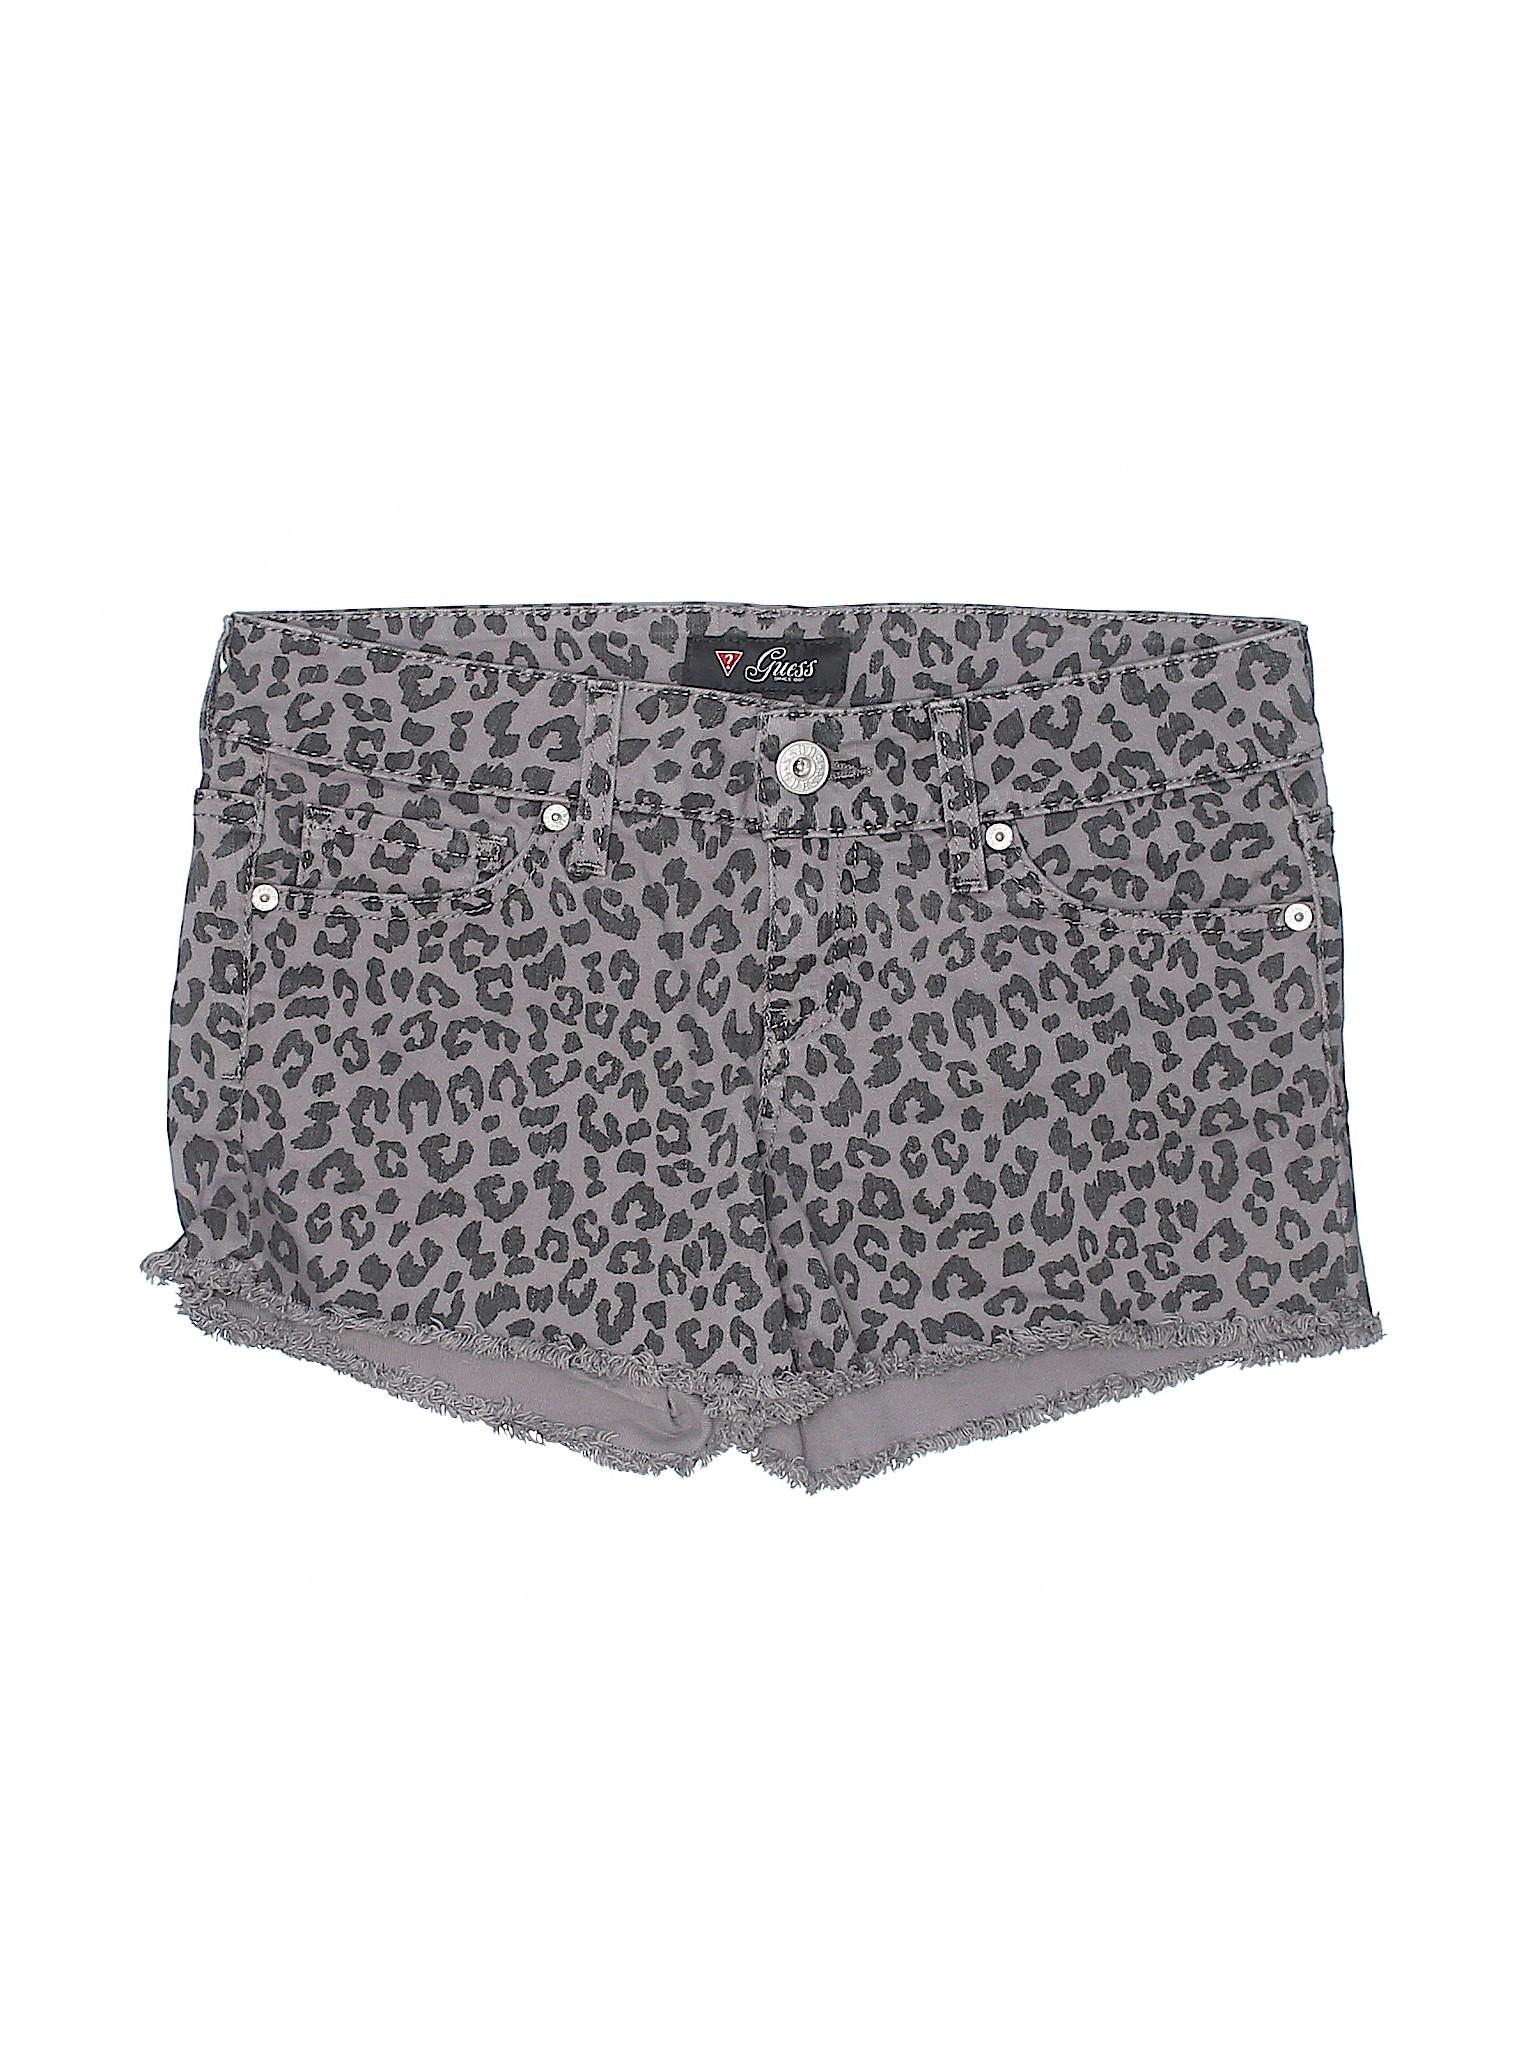 Boutique Guess Guess Shorts Boutique Denim Denim Guess Shorts Boutique IqSwUxZw1